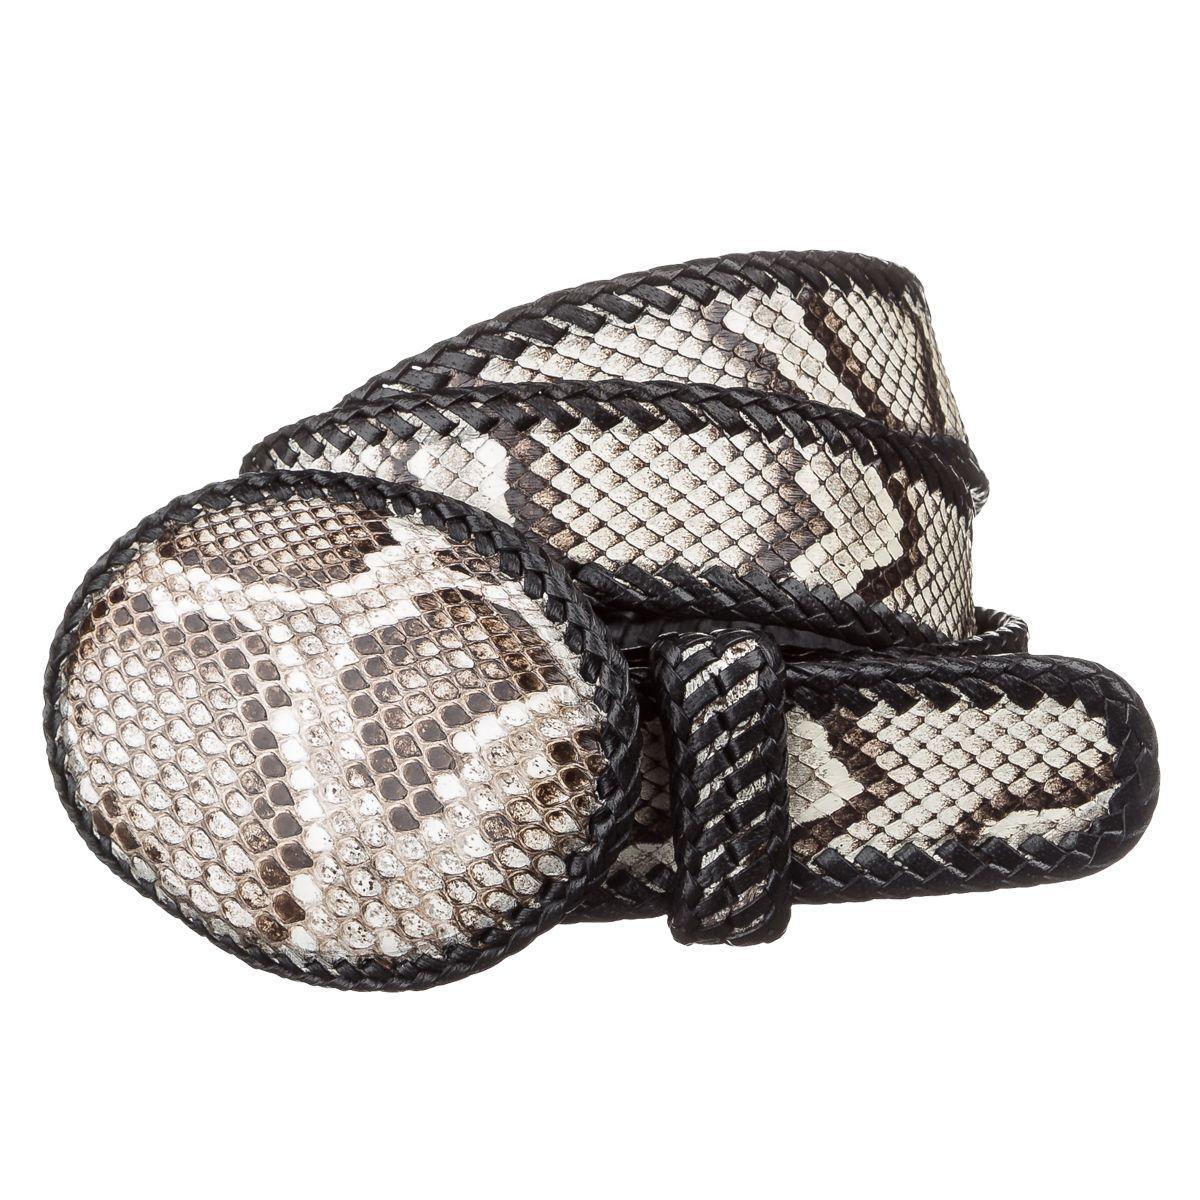 Ремінь Жіночий Snake Leather 18190 З Натуральної Шкіри Пітона Різнобарвний, Різнокольоровий